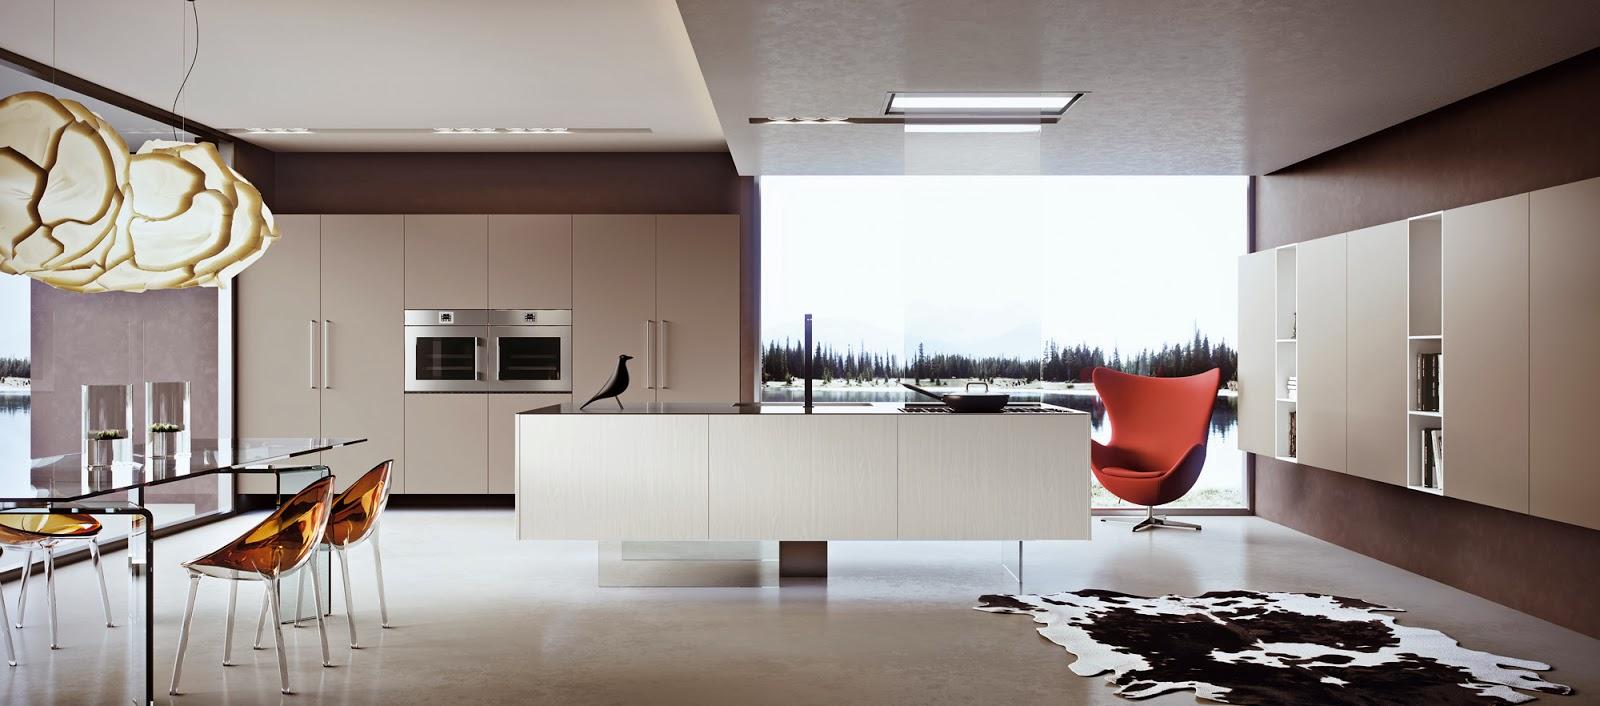 Materiales para cocinas i laminados resistentes y - Materiales de cocinas ...